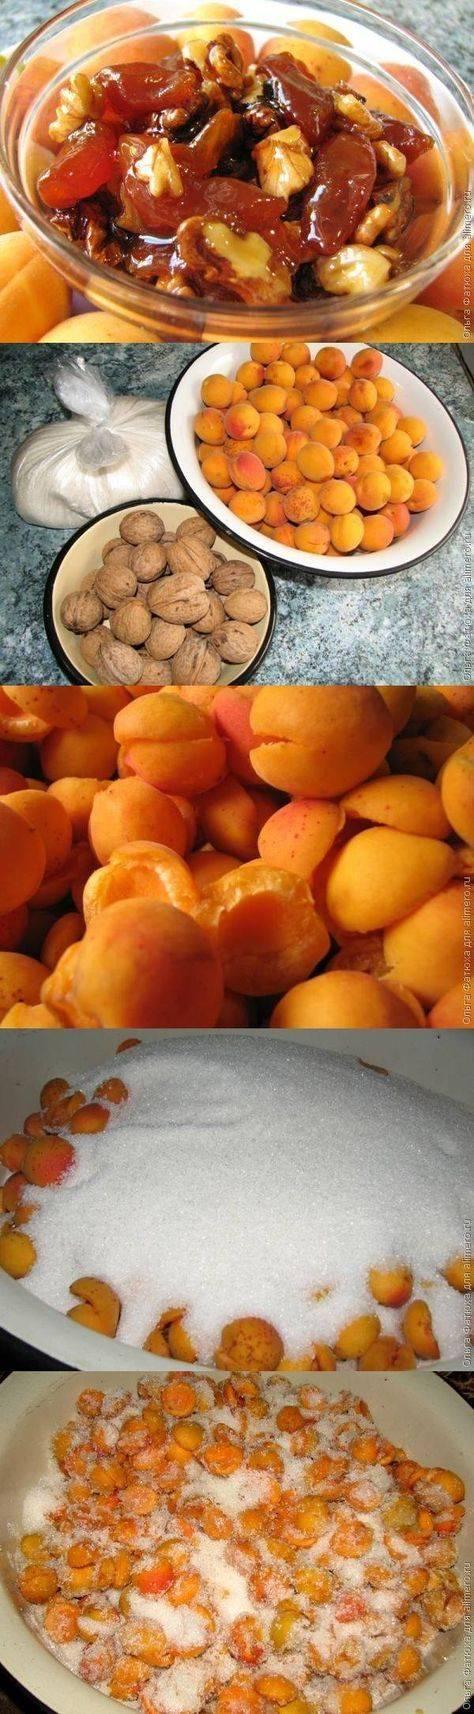 Варенье из грецких орехов зеленых и по-армянски с известью - рецепты с черешней, абрикосами, крыжовником